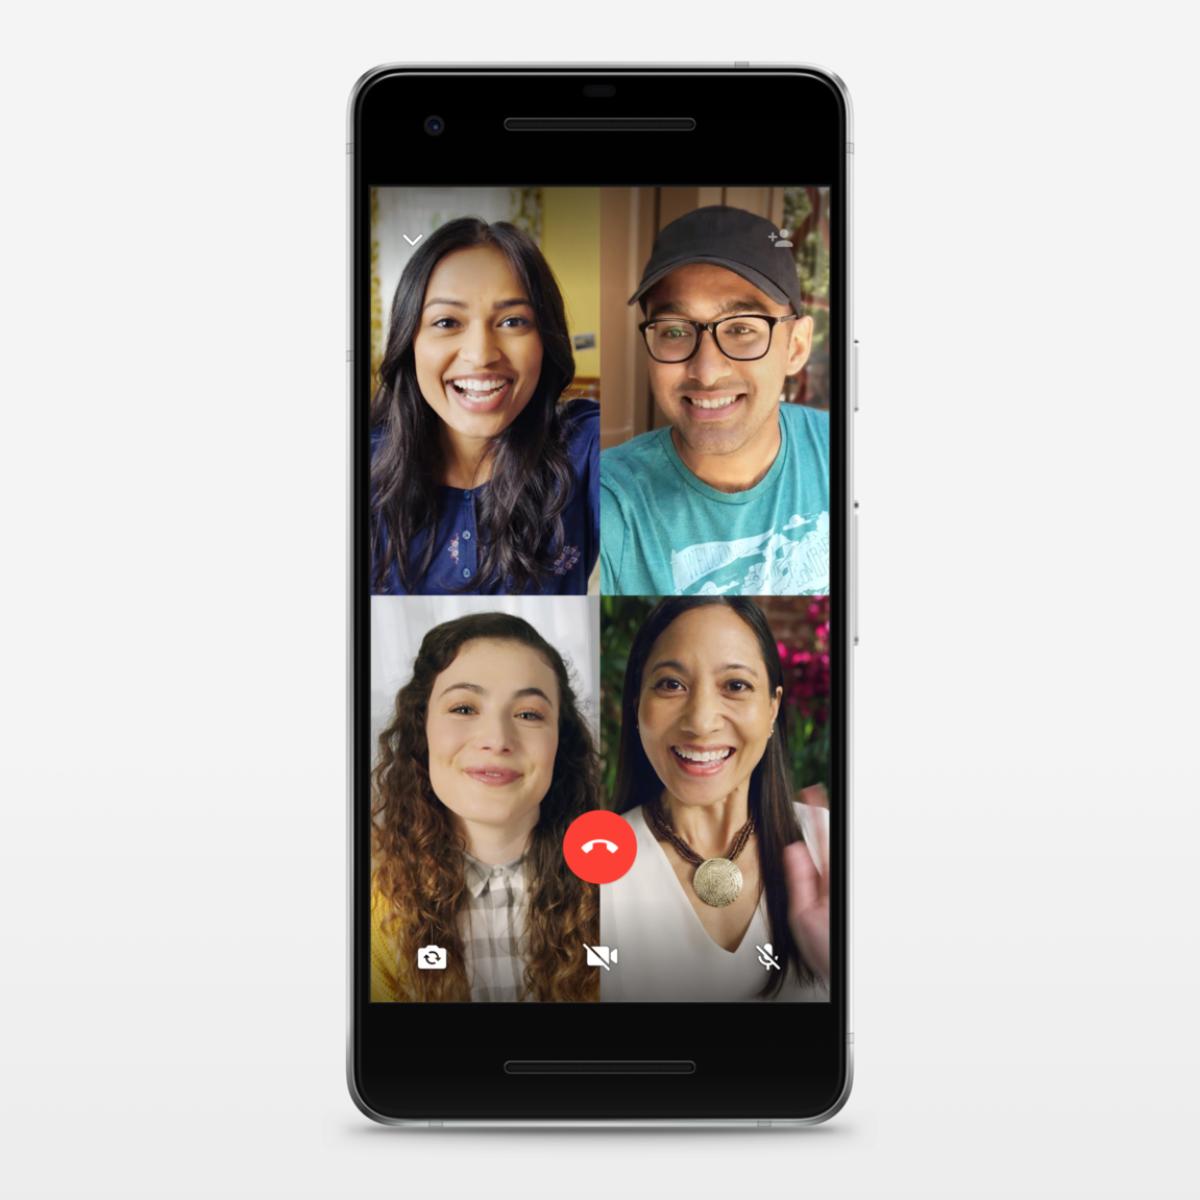 Ya puedes hacer videollamadas o llamadas grupales en Whatsapp